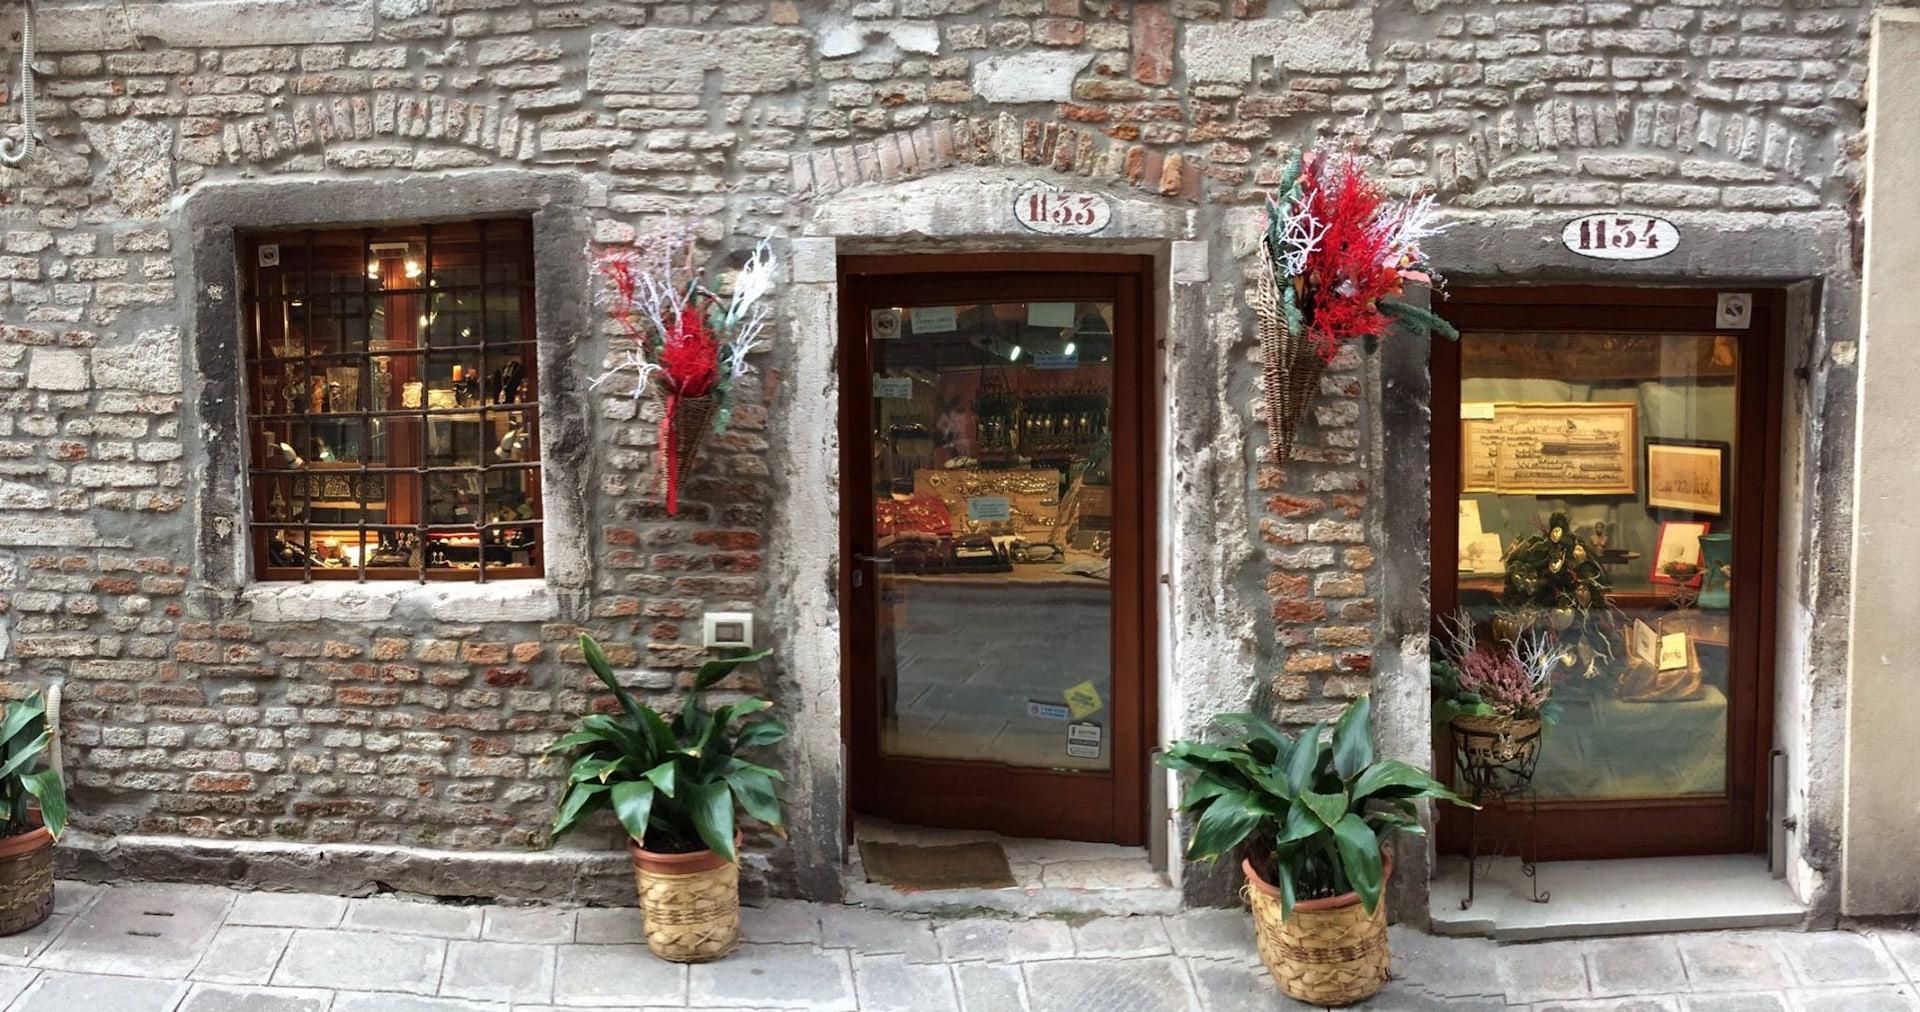 Venice - Antichita al Ghetto outside of the shop